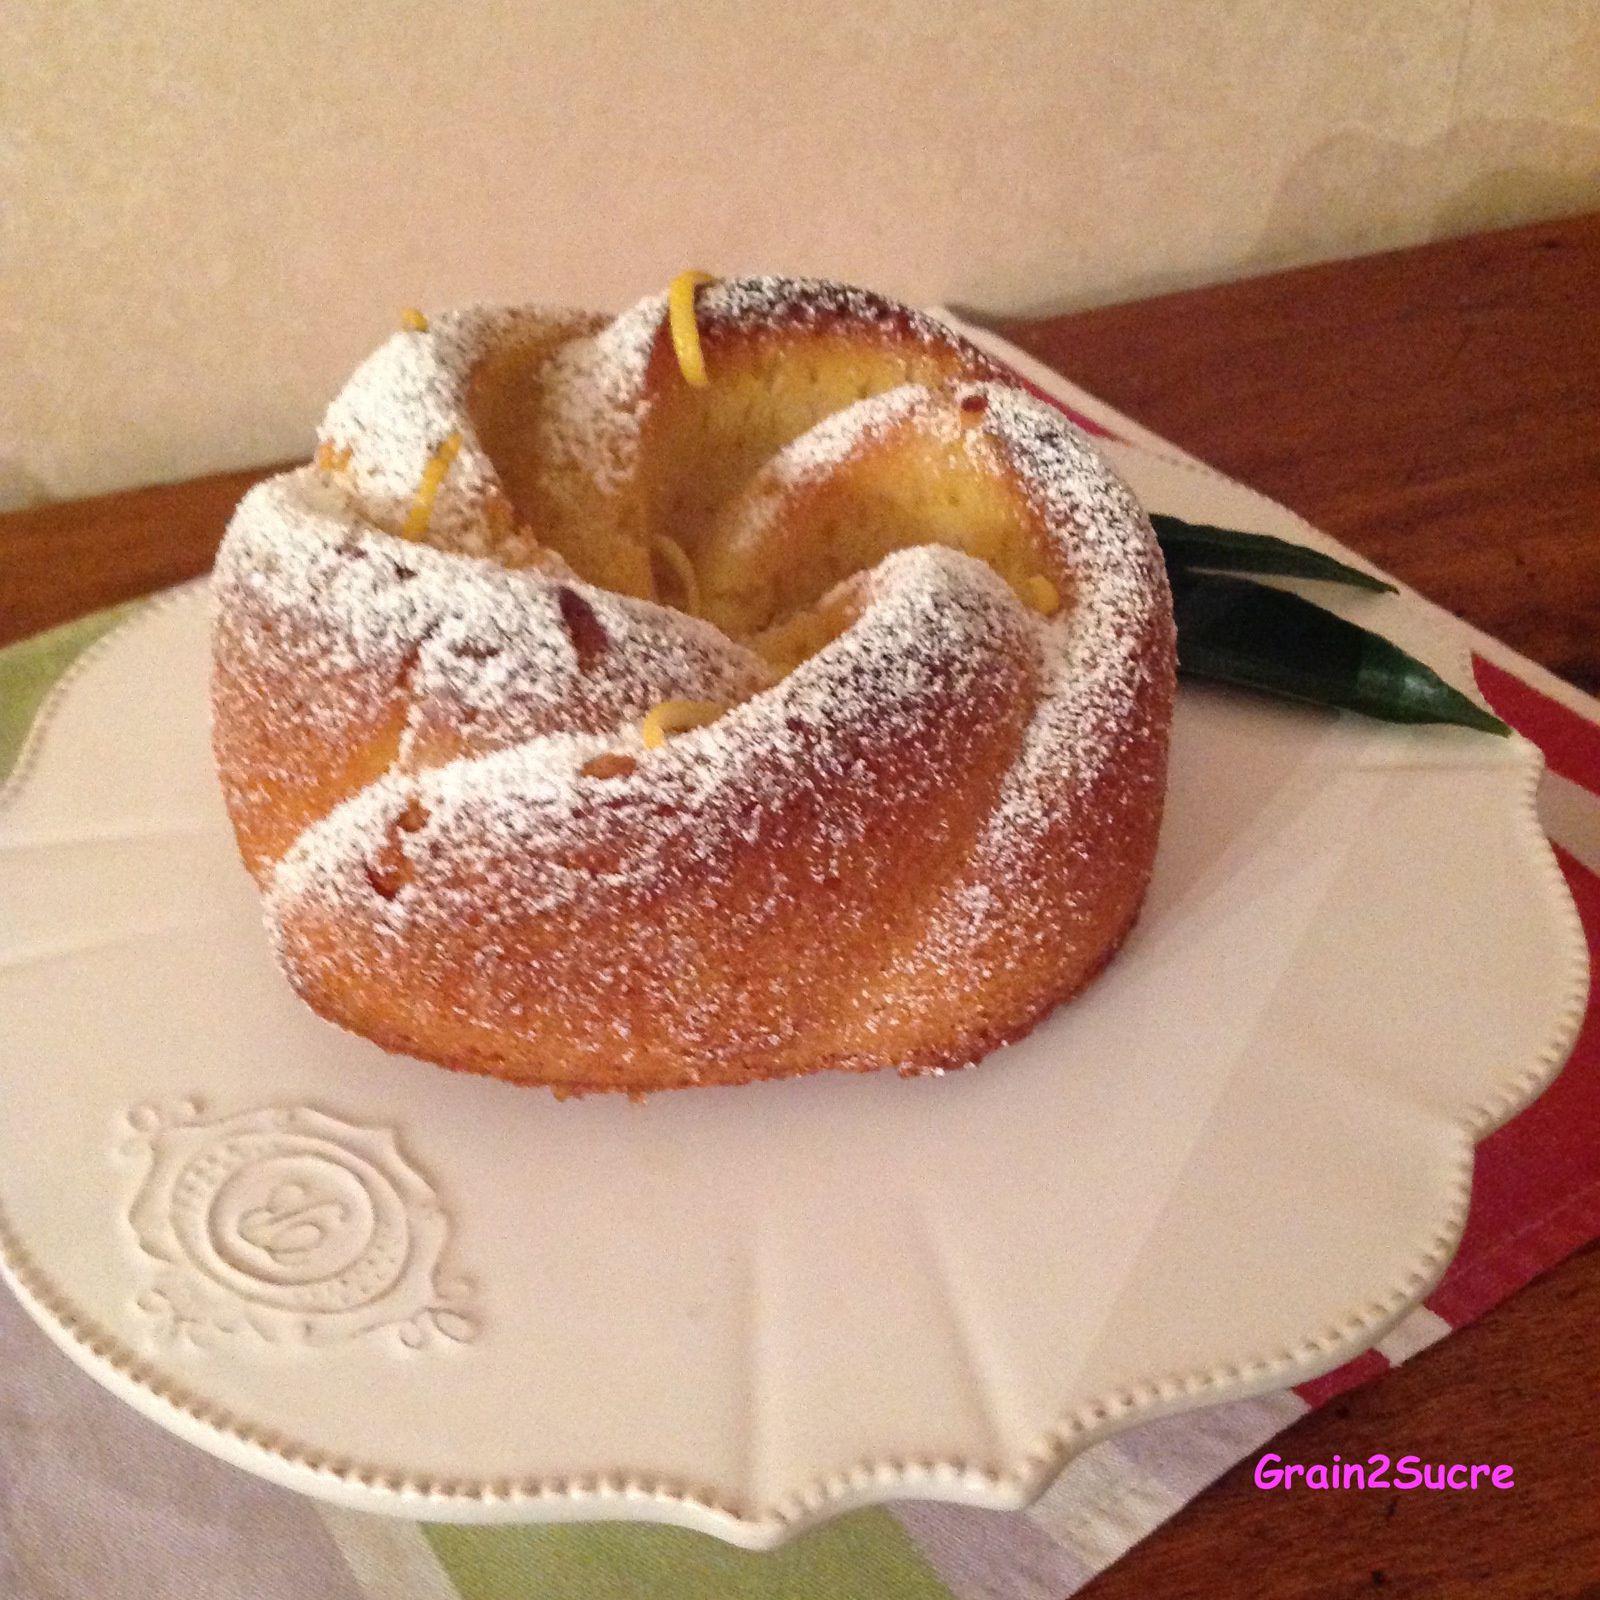 Grain2Sucre. Recette Bundt Cake Au Citron: farine, beurre, cassoade, citron.